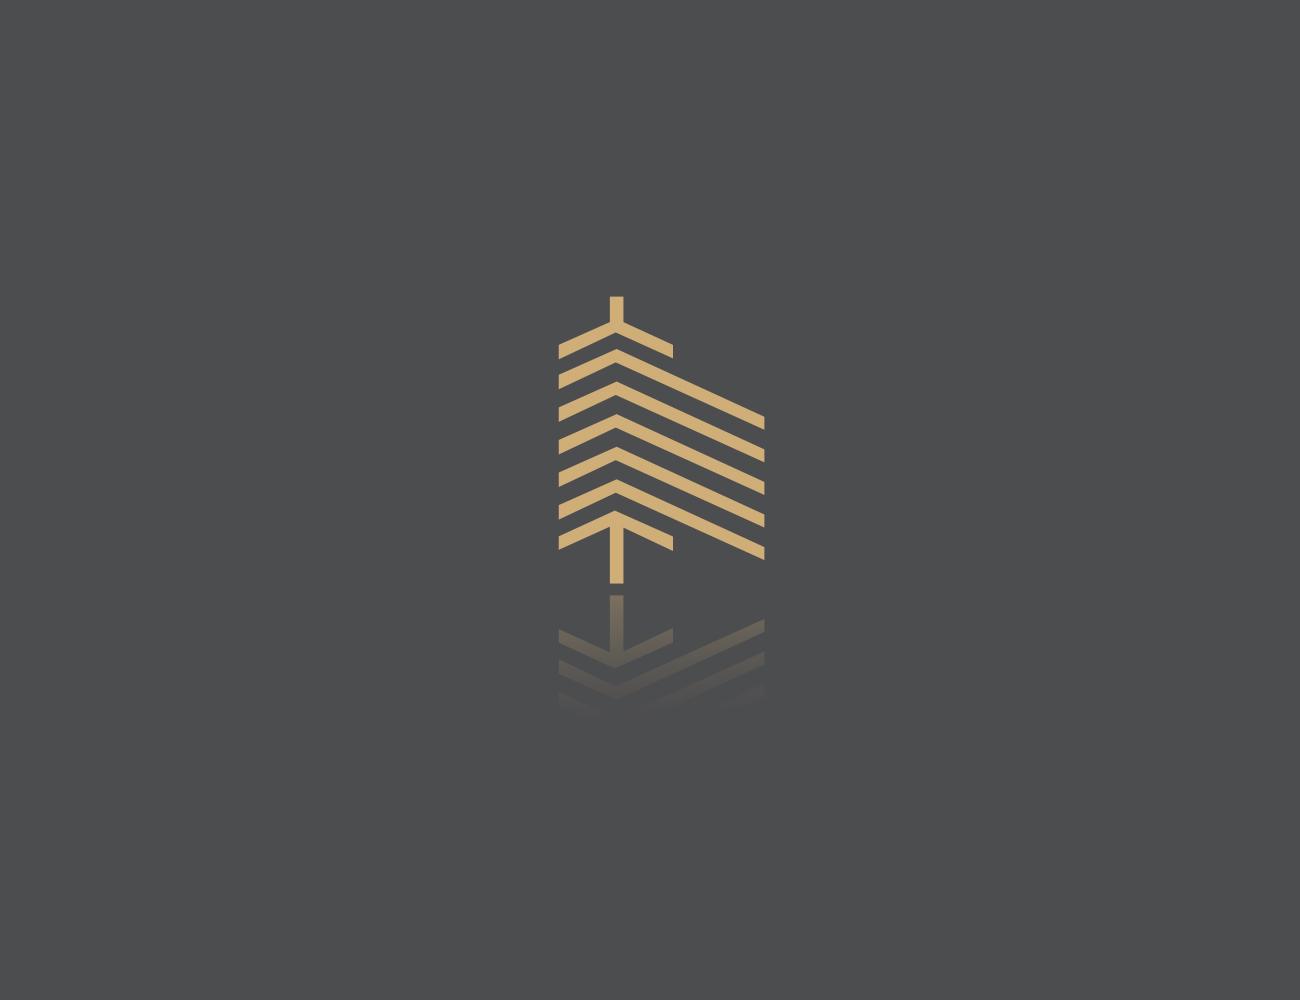 theurbanlacetrademarkdesign